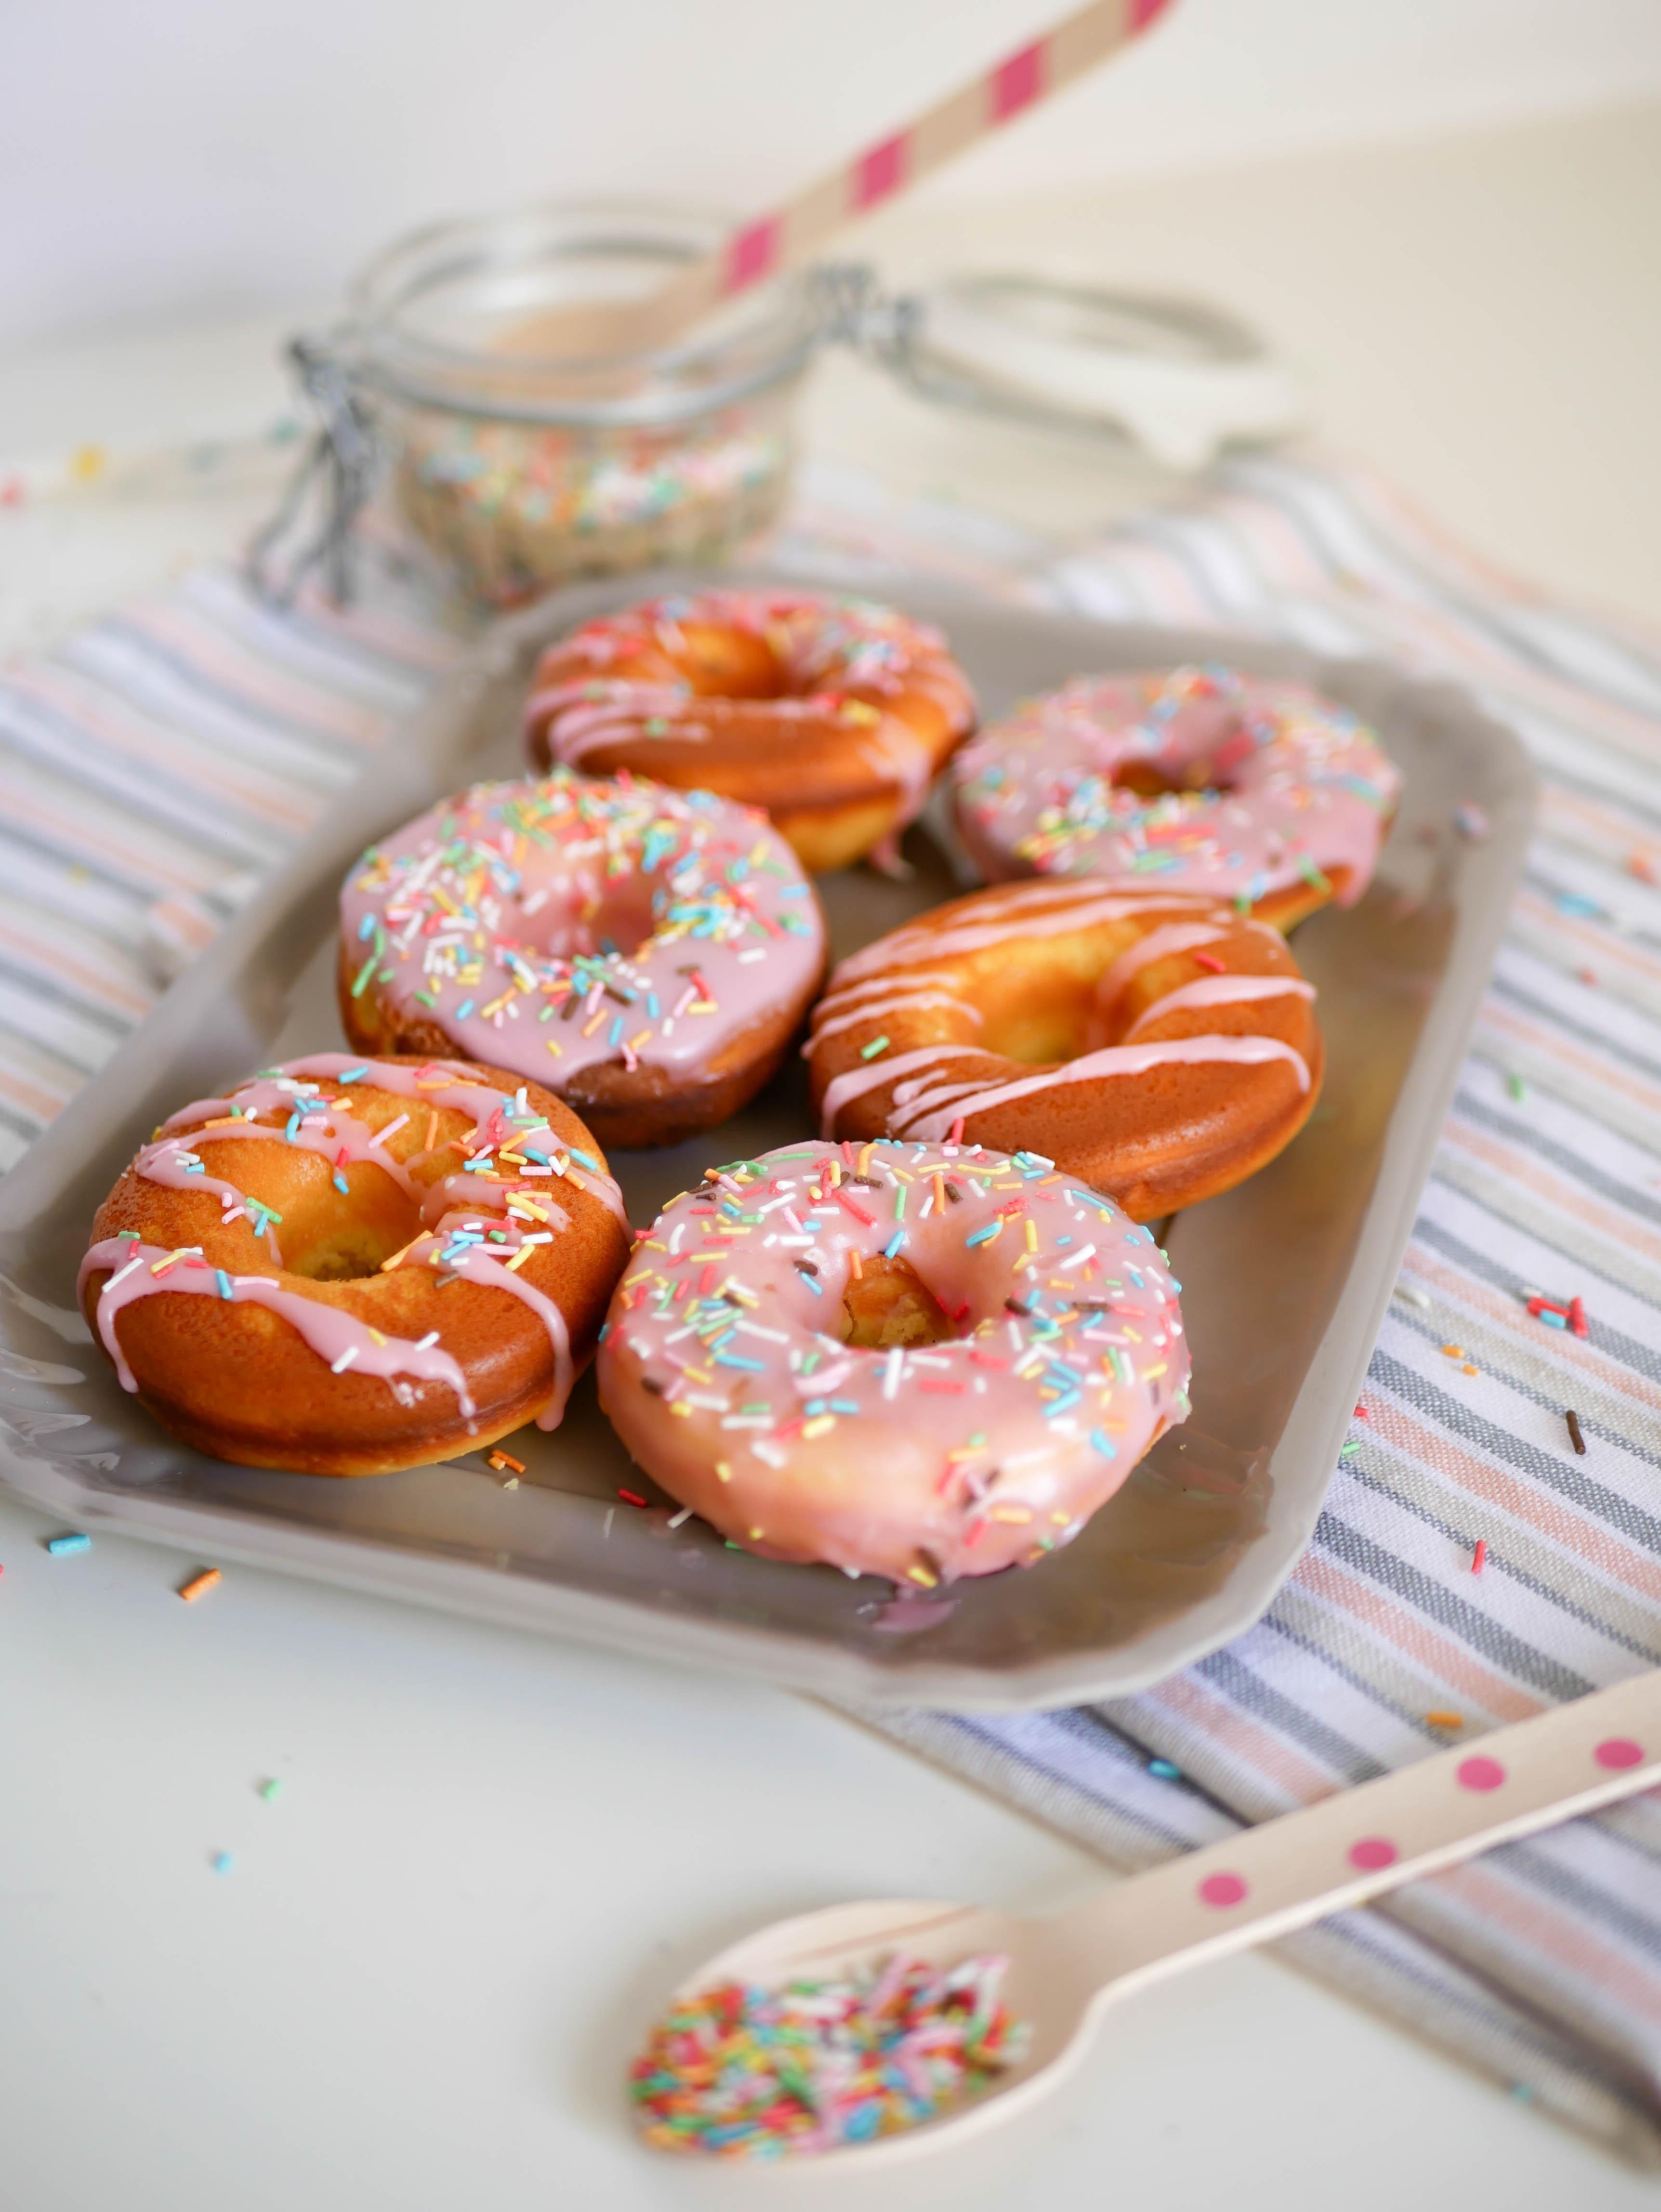 Ricetta Dei Donuts Al Forno.Donuts Al Forno Le Famose Ciambelle Di Homer Simpson